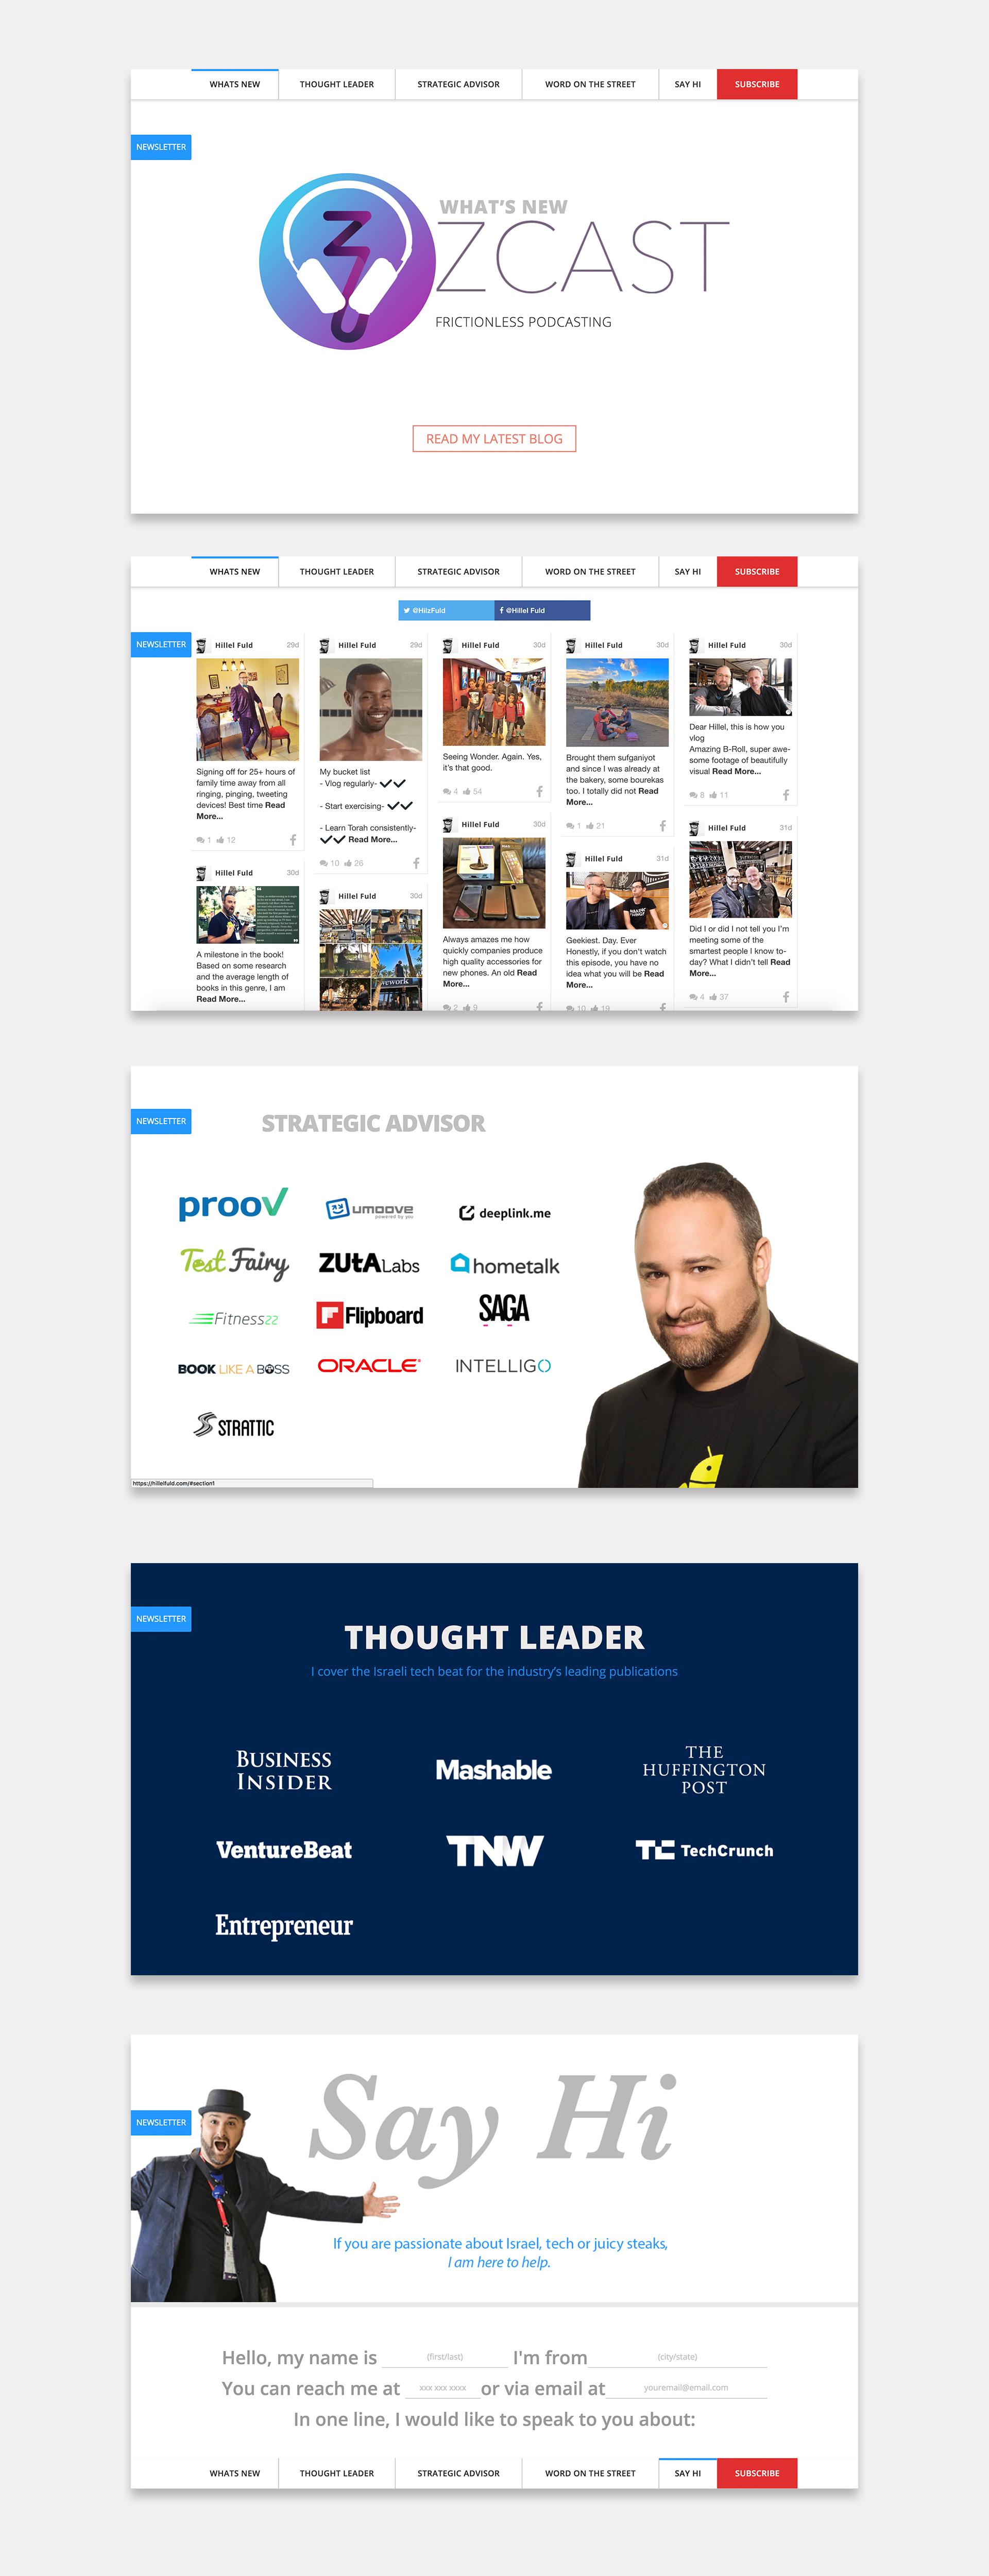 Hillel_Web_Board.jpg